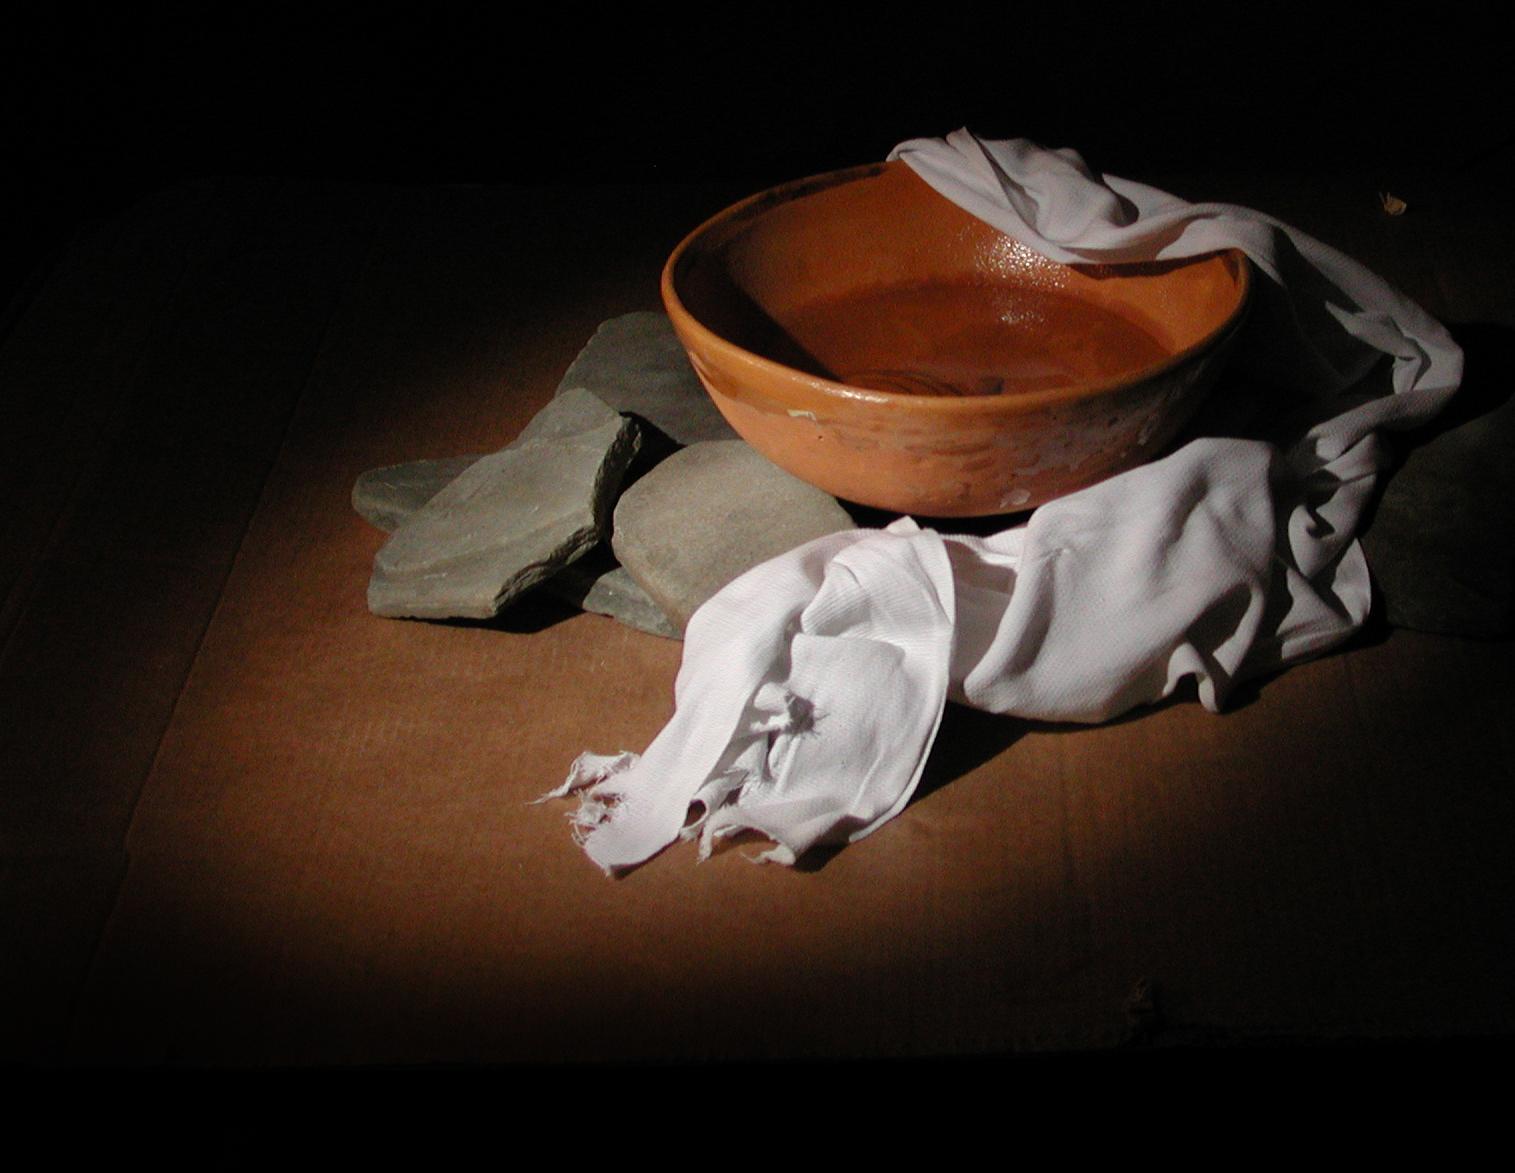 Bez światła jupiterów – Niedziela Chrztu Pańskiego